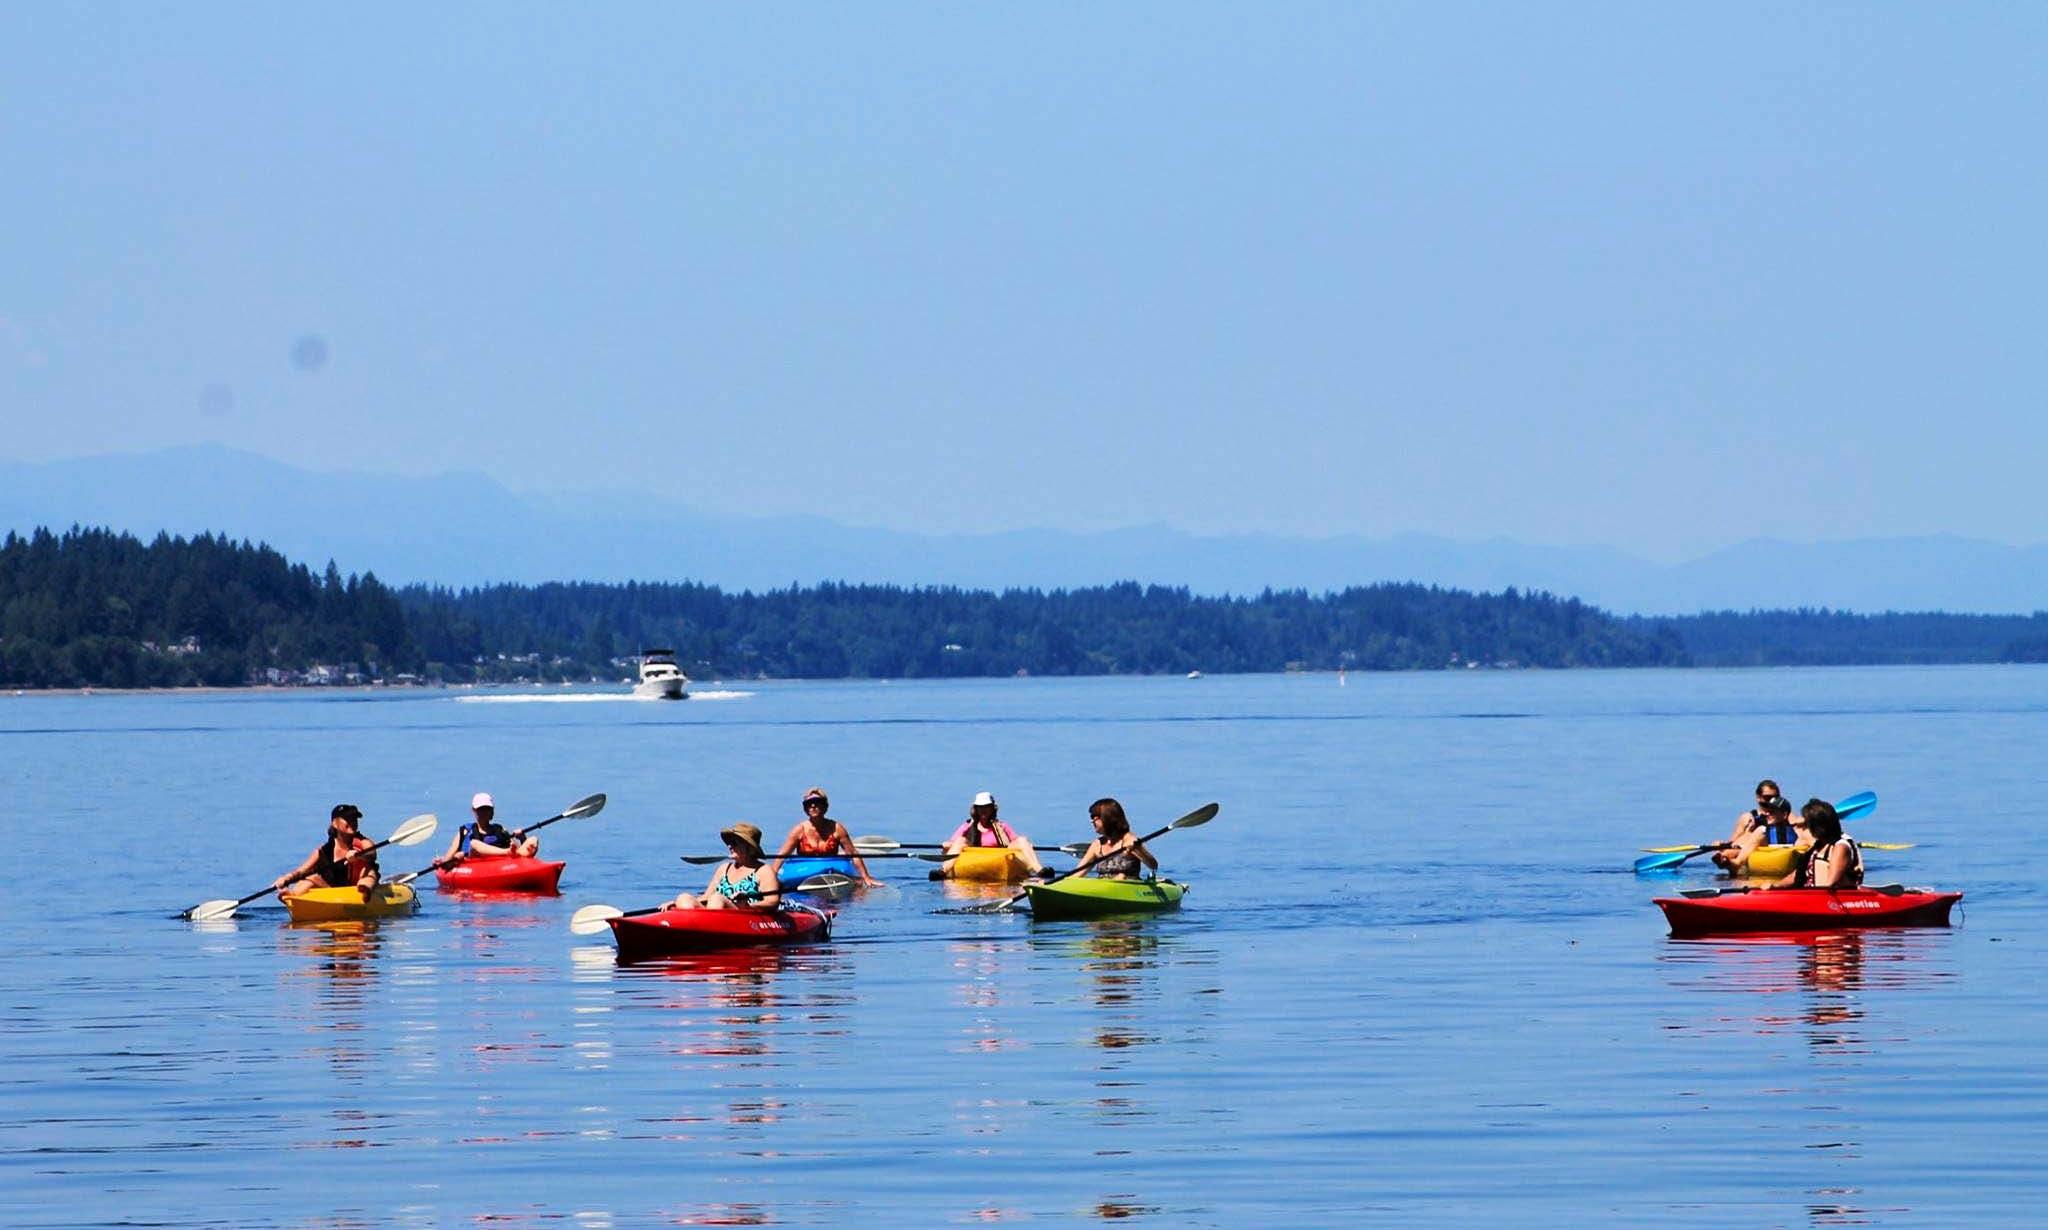 Reserve Single Kayak in Tacoma, Washington